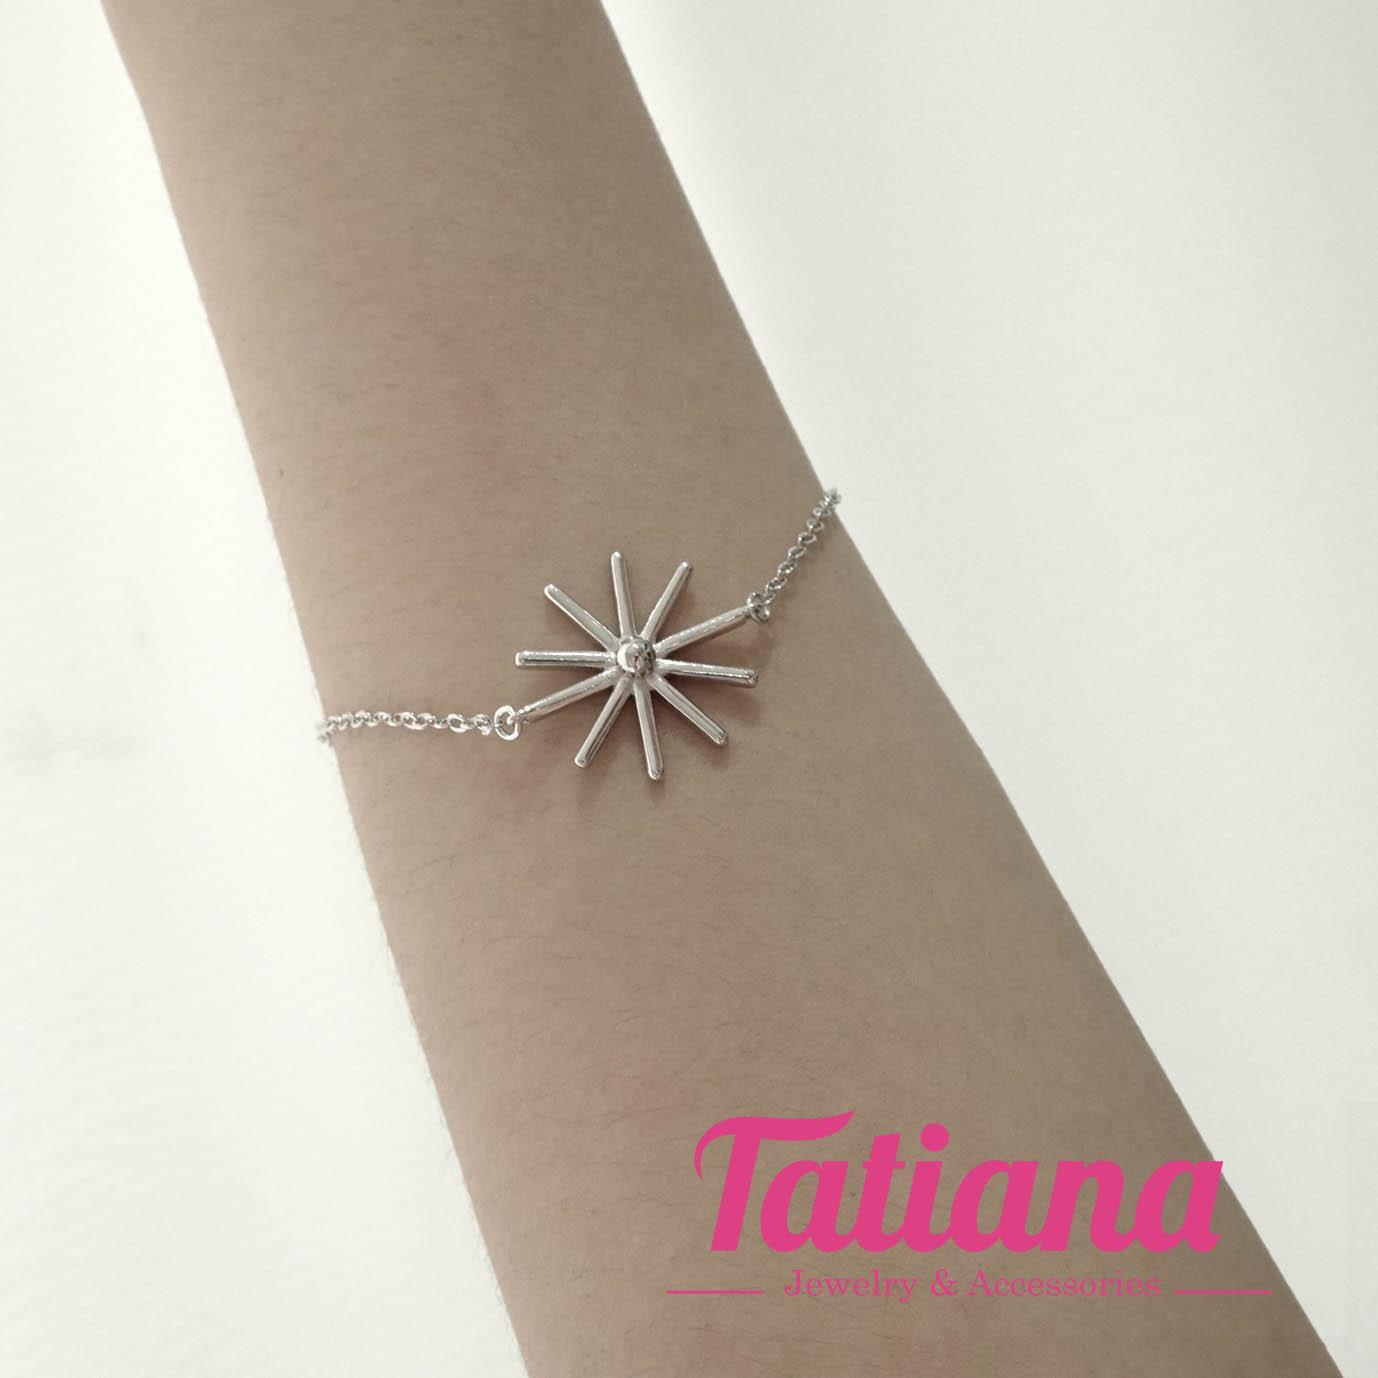 Hình ảnh Vòng Tay Nữ Mạ Bạc 925 Hạt Vuông Đính Đá - Tatiana - VB2256 (Bạc)